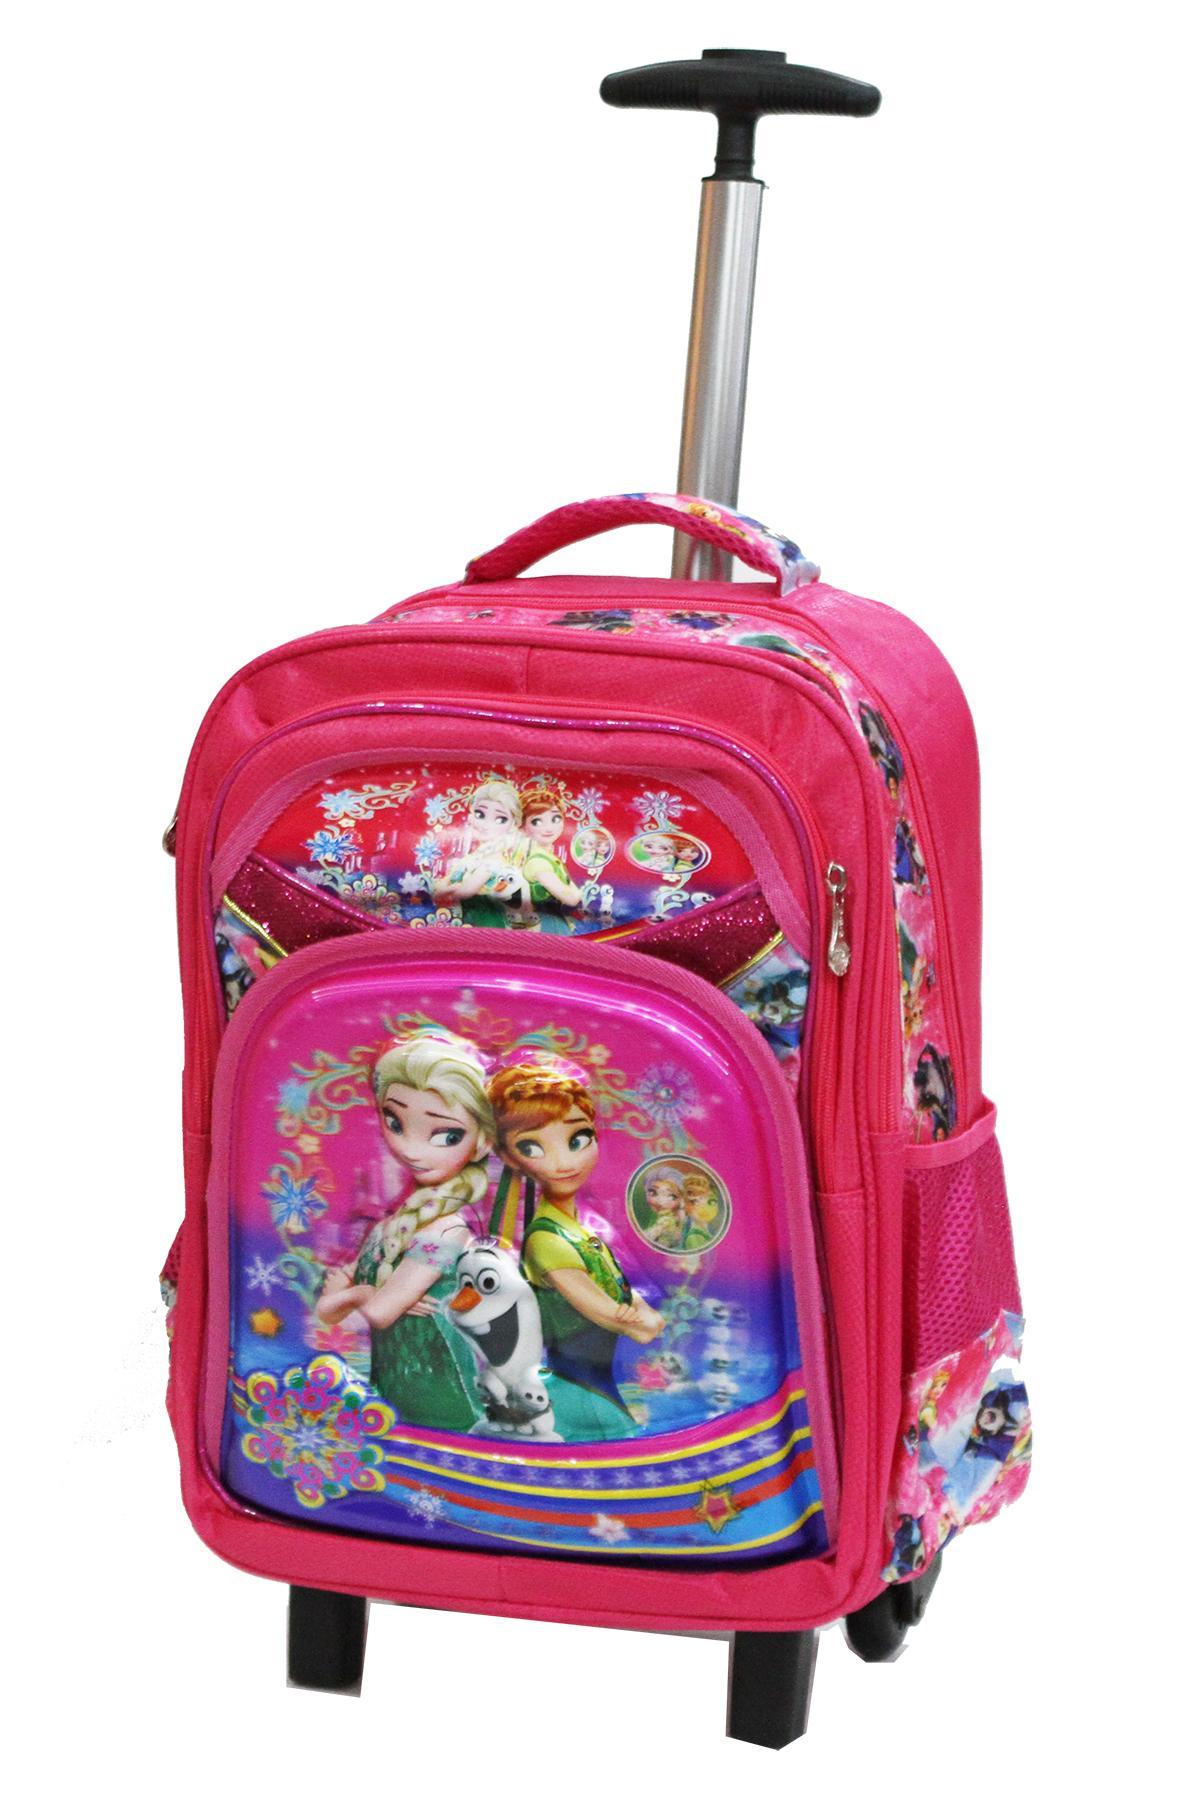 ... Onlan Tas Trolley SD Gagang Stainless Import Dan Kotak Pensil Karakter Anak Perempuan - Pink -